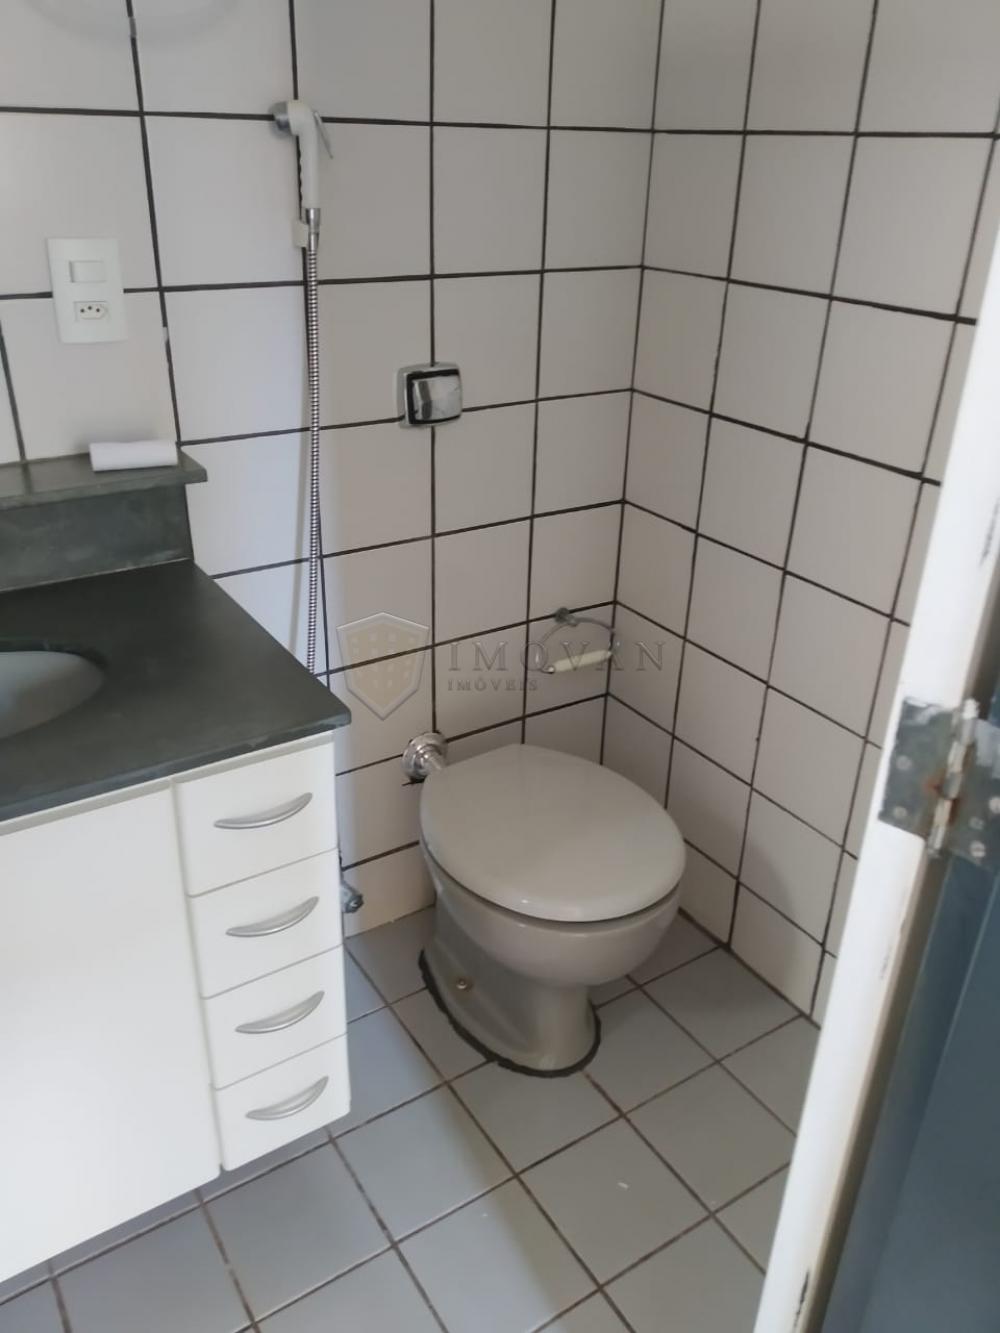 Comprar Apartamento / Padrão em Ribeirão Preto R$ 115.000,00 - Foto 10